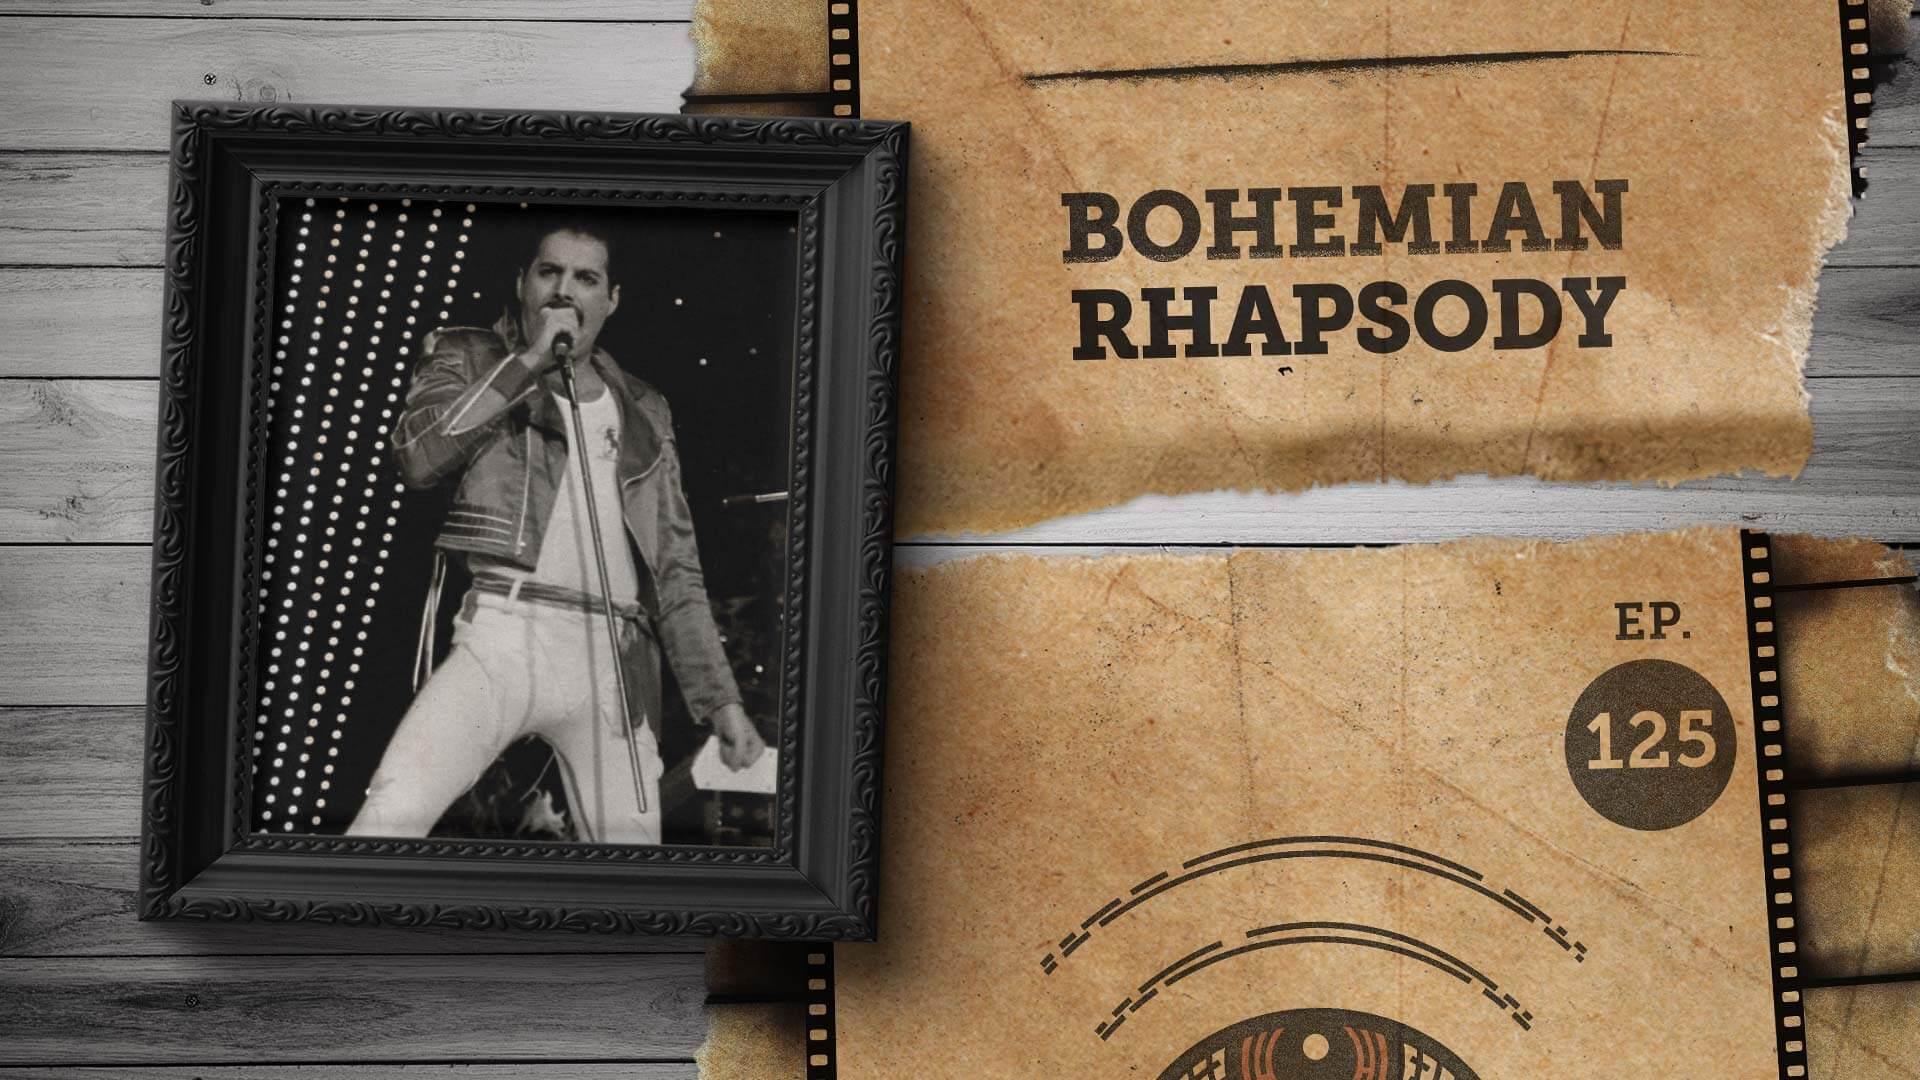 125-bohemian-rhapsody